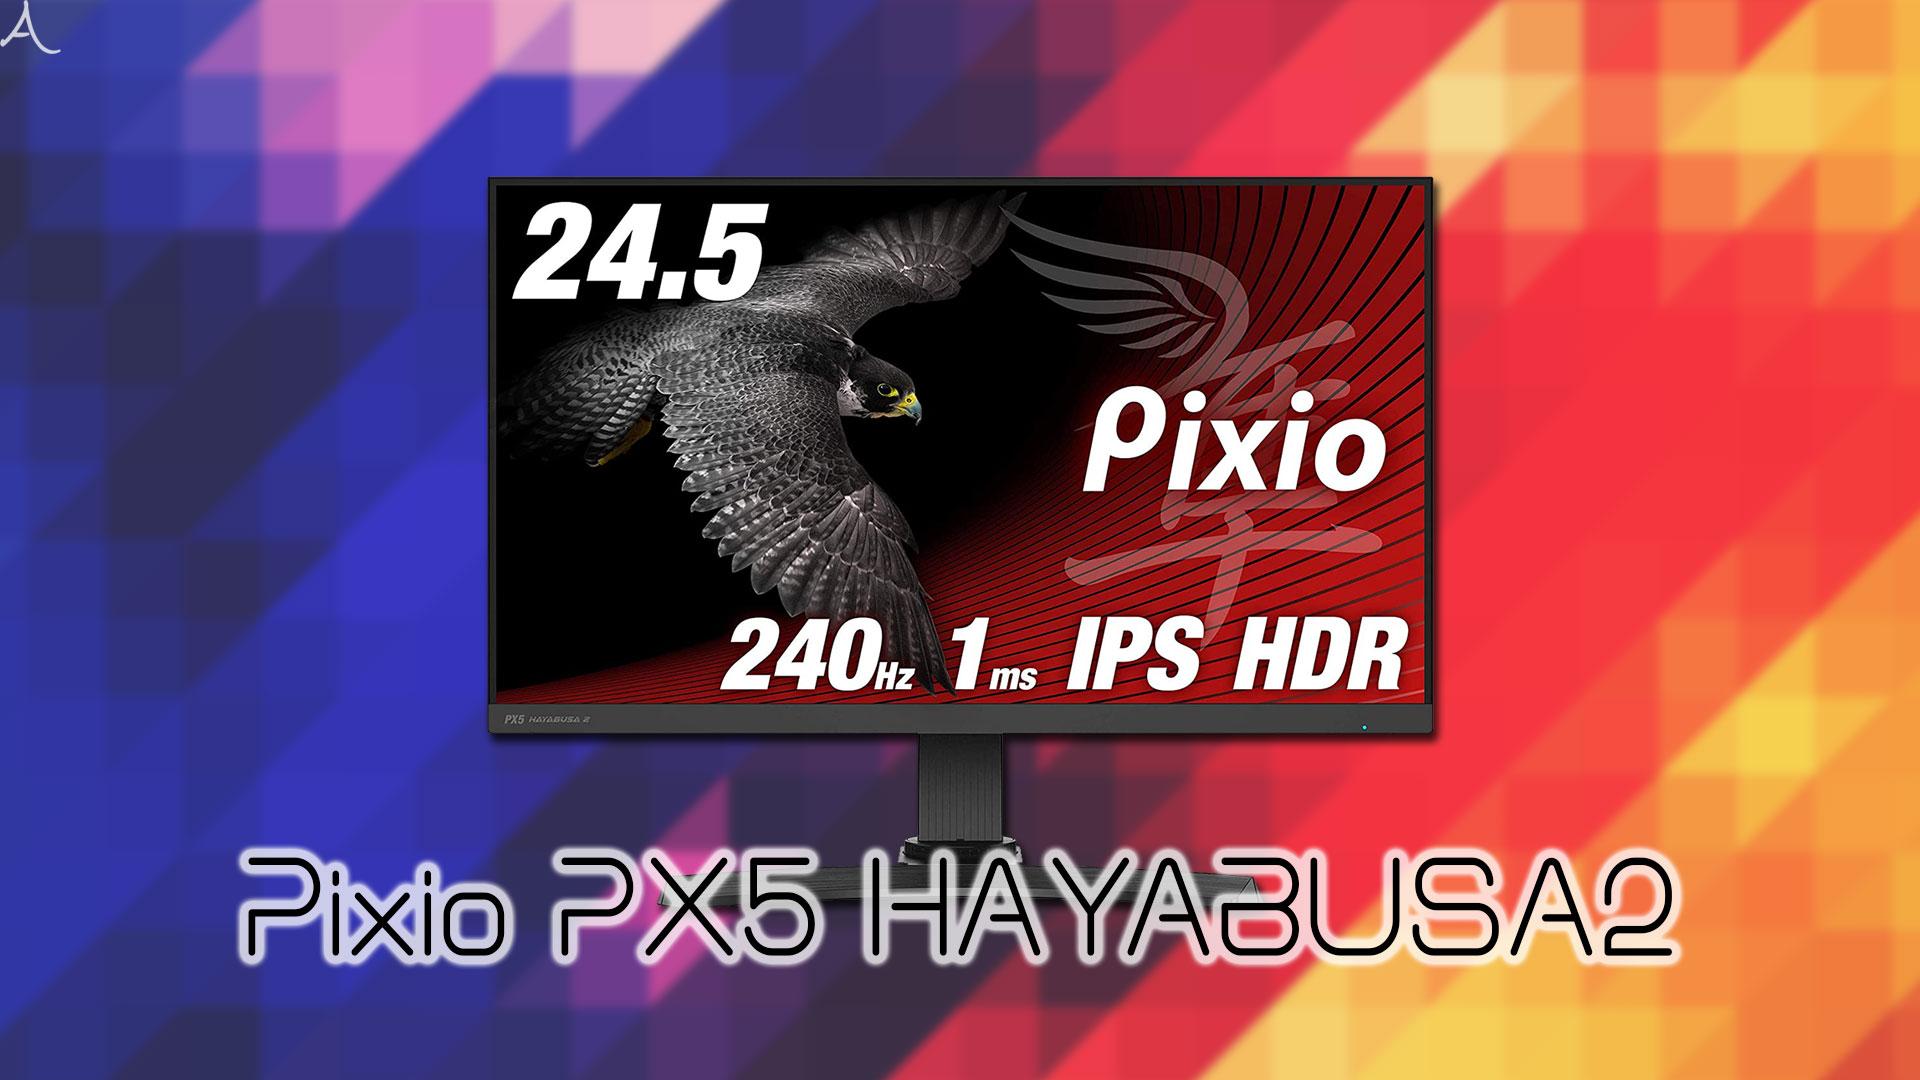 「Pixio PX5 HAYABUSA2」ってモニターアーム使えるの?VESAサイズやおすすめアームはどれ?